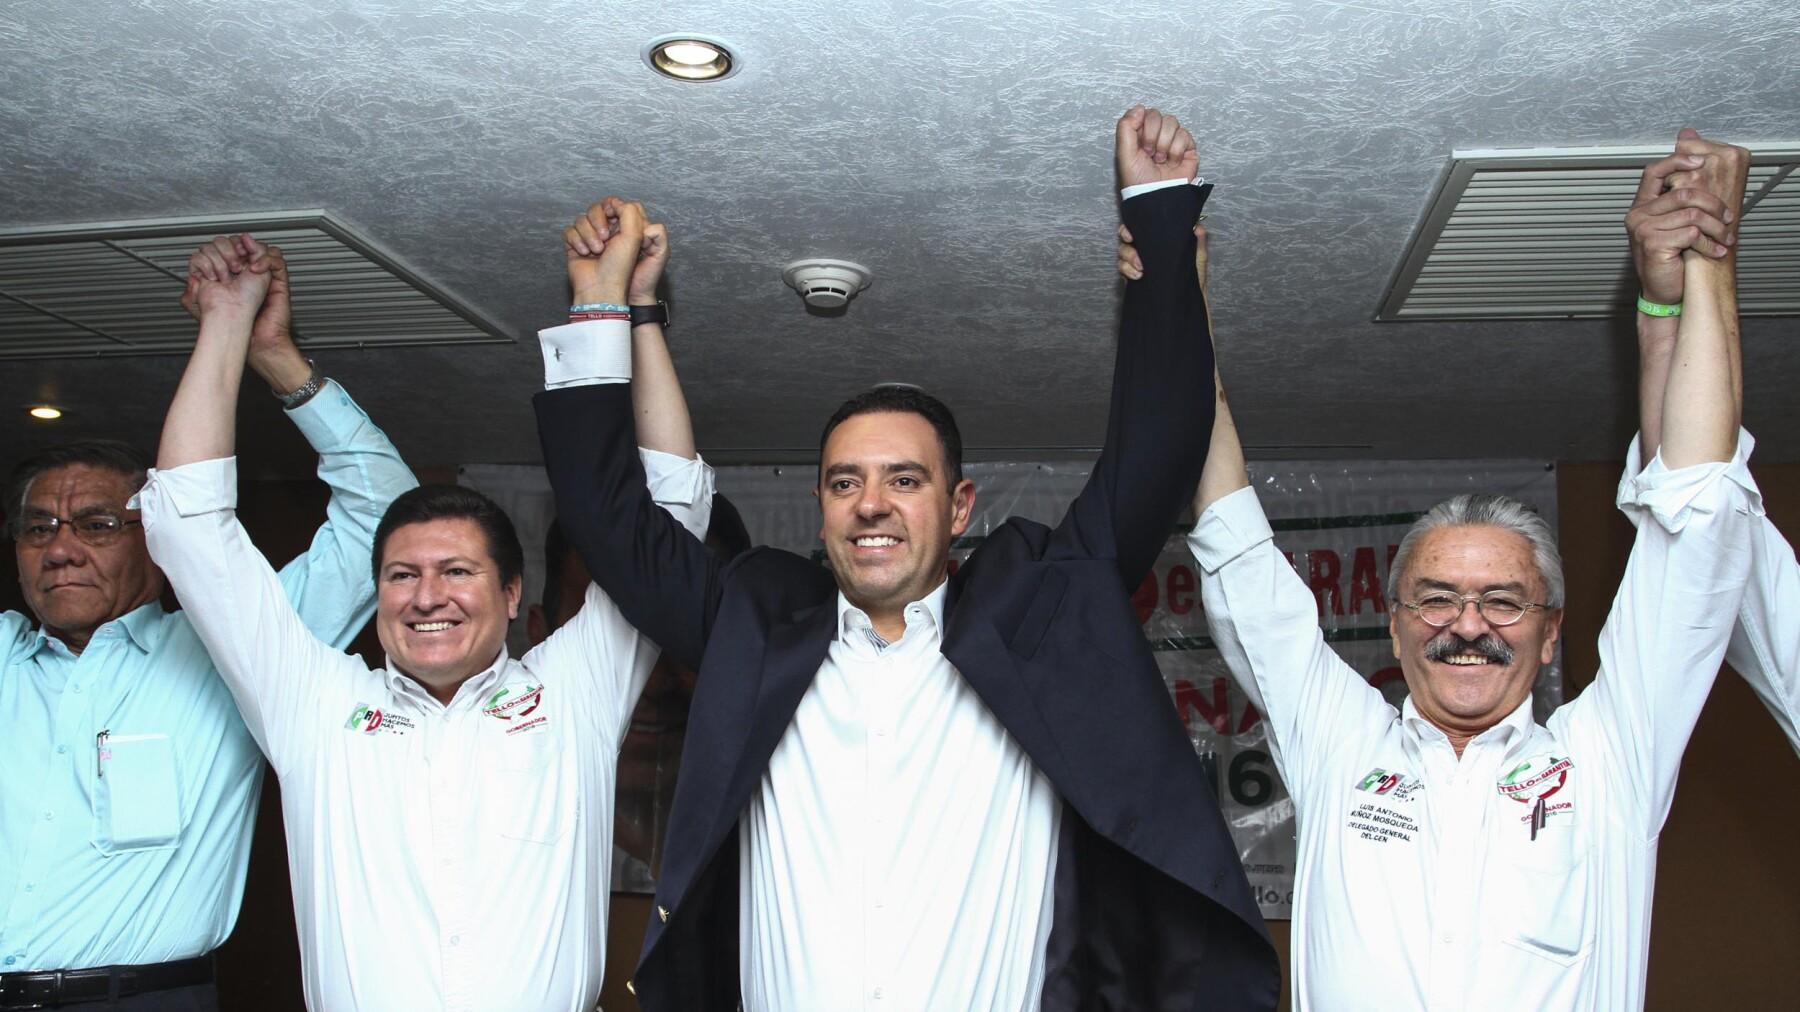 1 gubernatura, 58 alcaldías y 30 diputaciones estuvieron en disputa en las elecciones del 5 de junio.